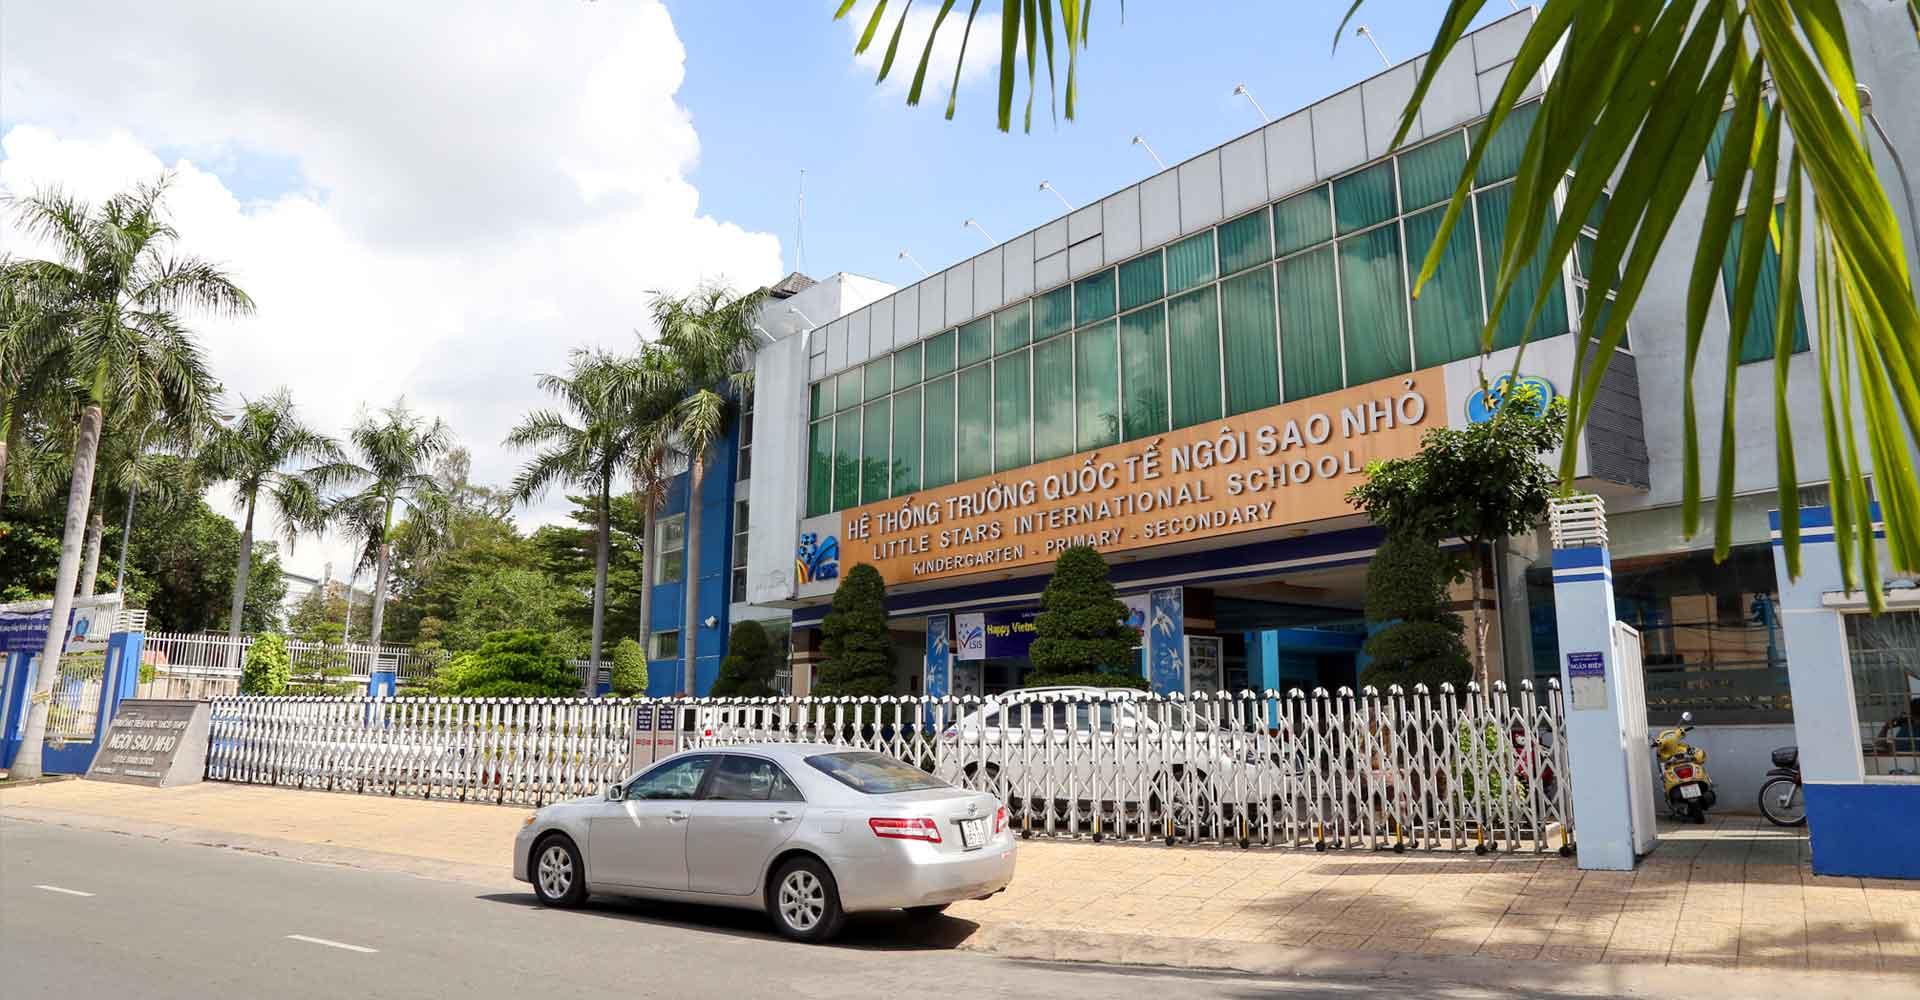 Trường học quốc tế ngôi sao nhỏ gần dự án Moonlight Boulevard quận Bình Tân